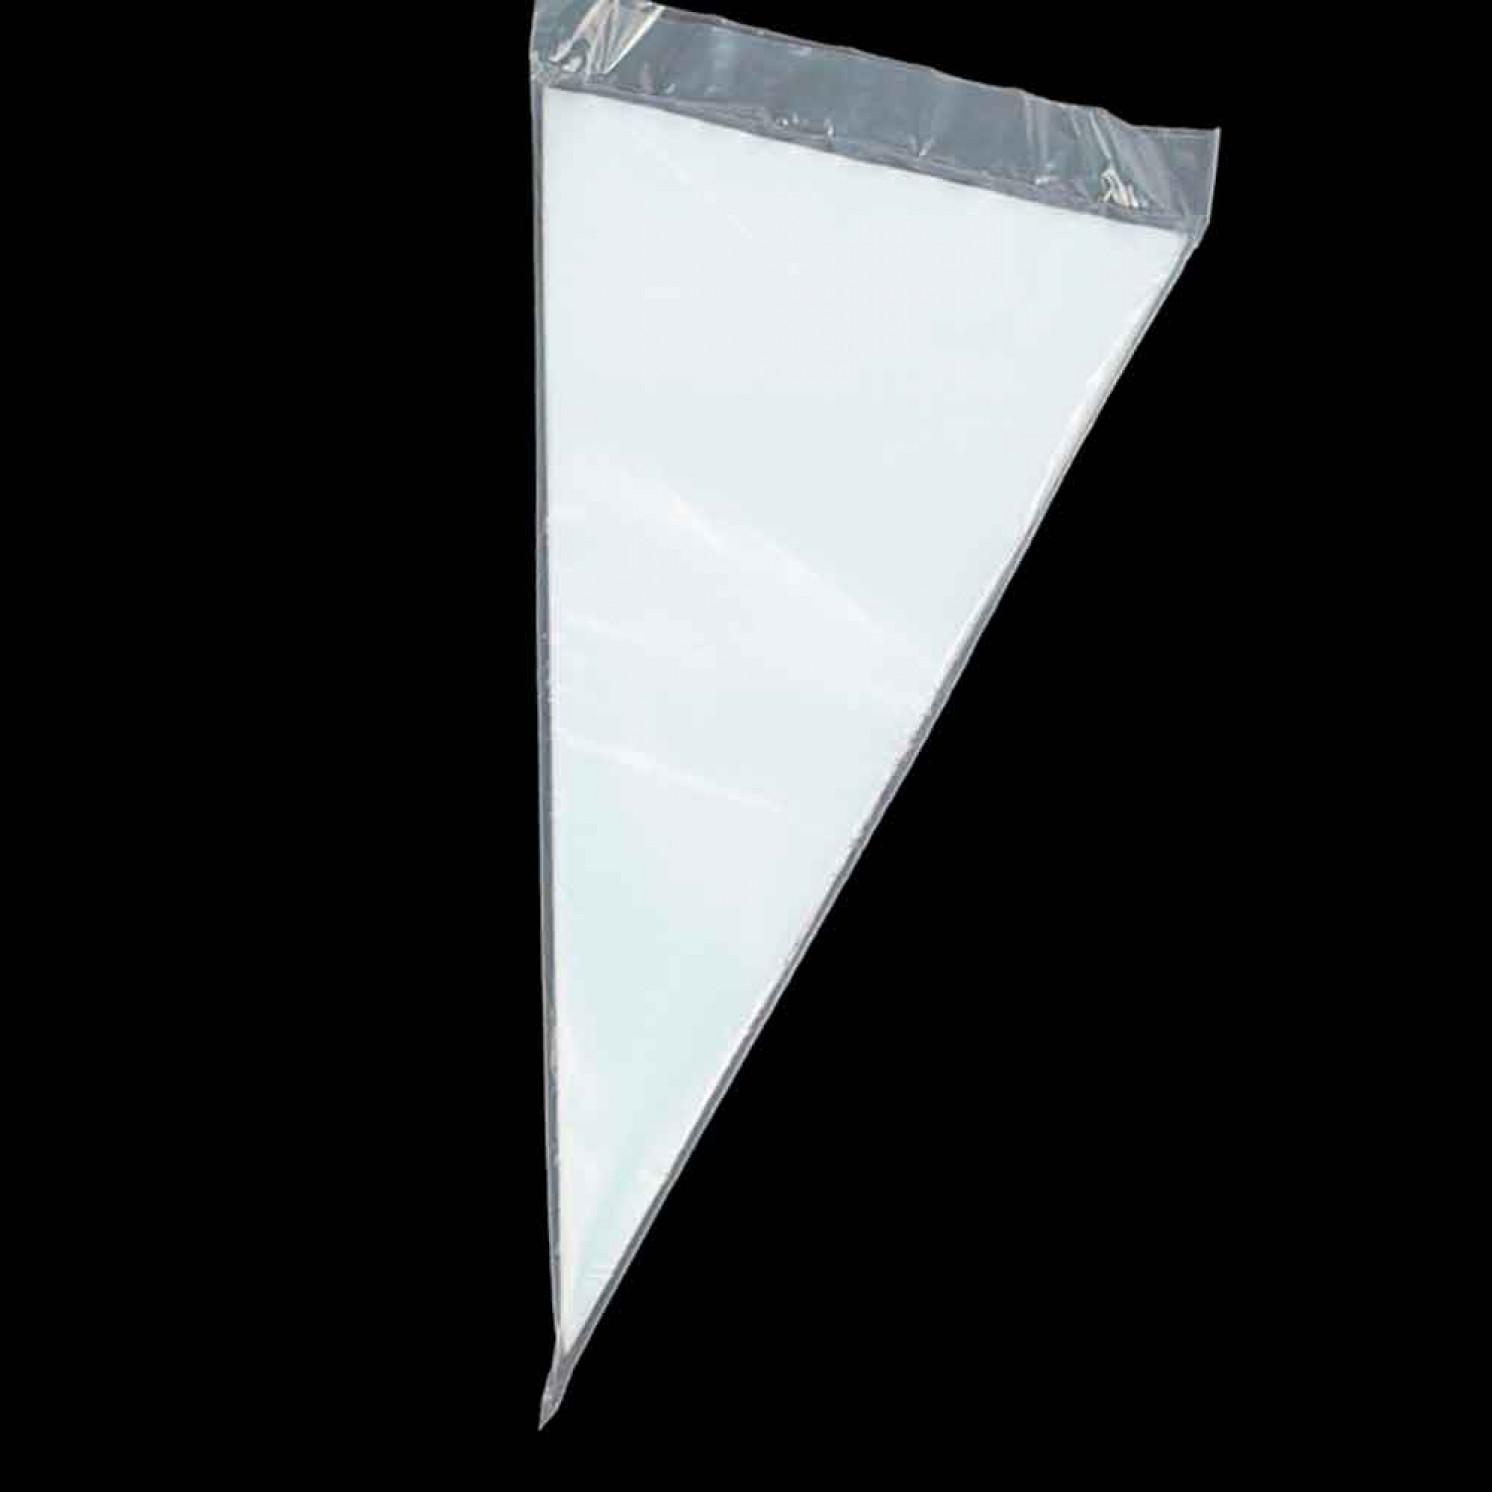 Набор одноразовых кондитерских мешков 33х19 см, 10 шт